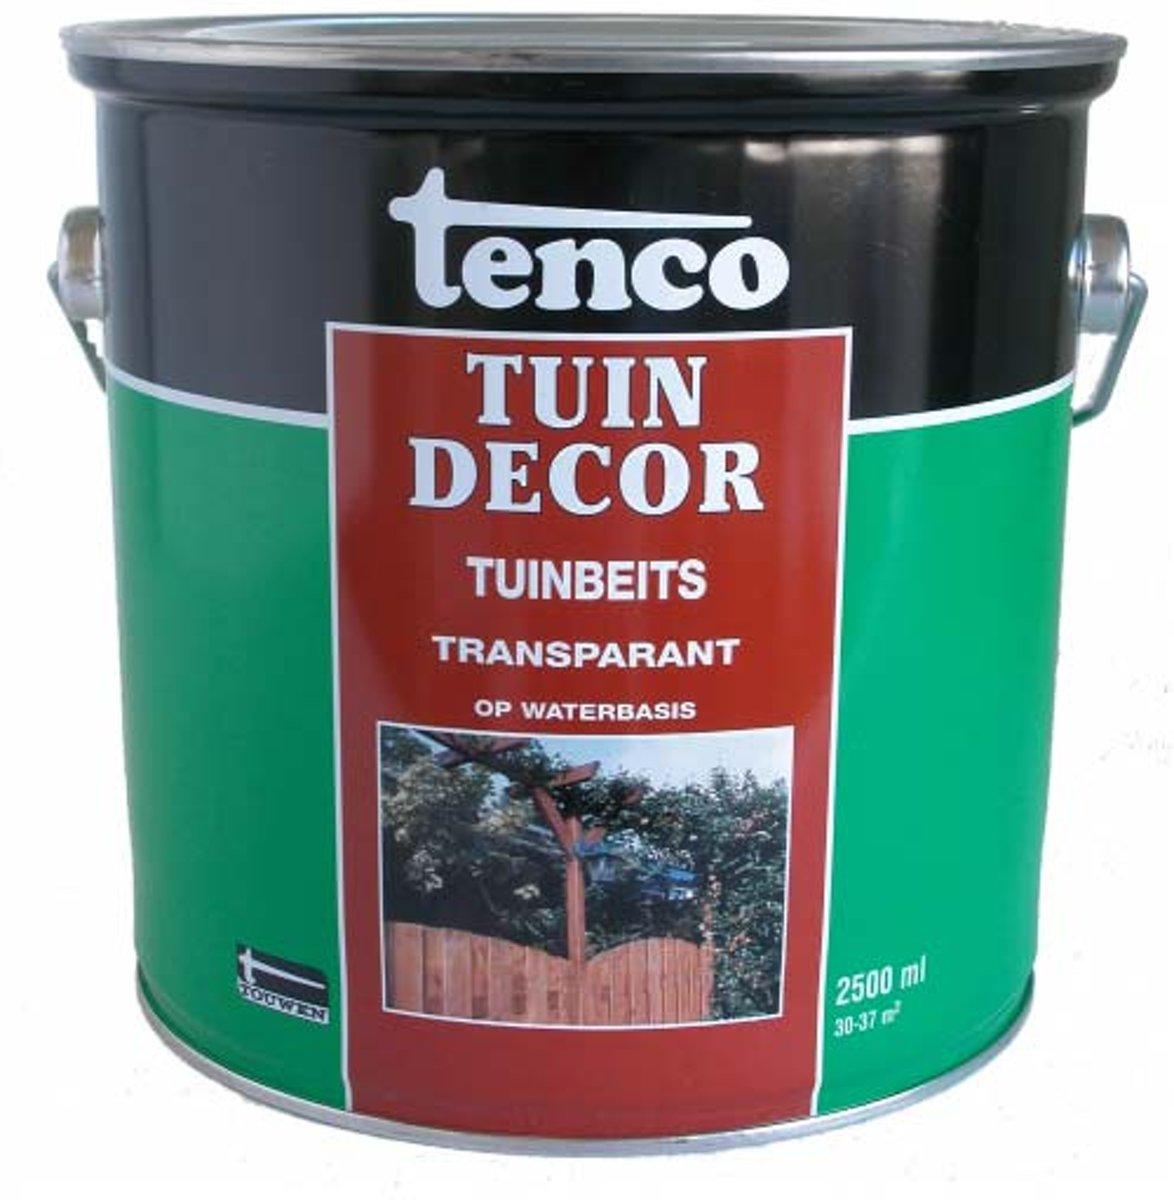 TENCO TUINDECOR TR.NATUREL 1L